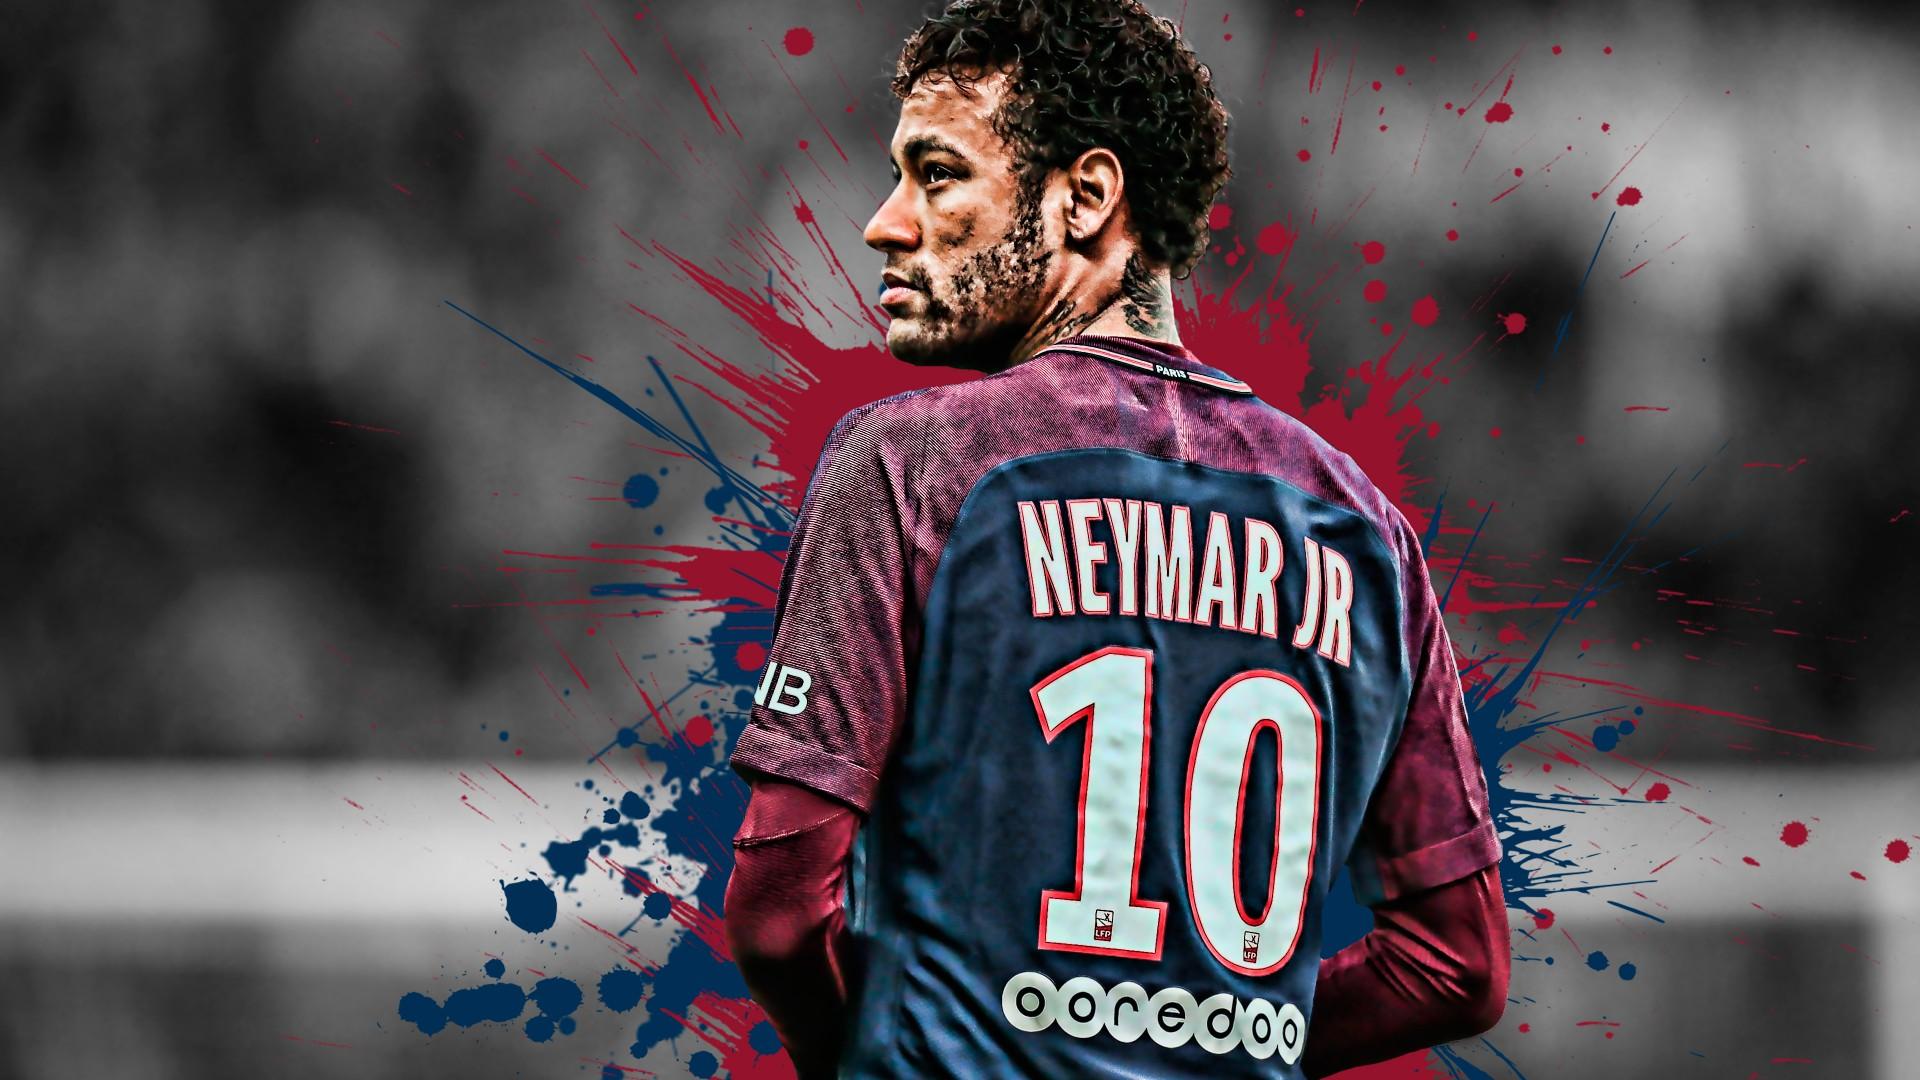 Ultra Hd 3d Wallpapers Neymar Brazilian Football Player 4k Wallpapers Hd